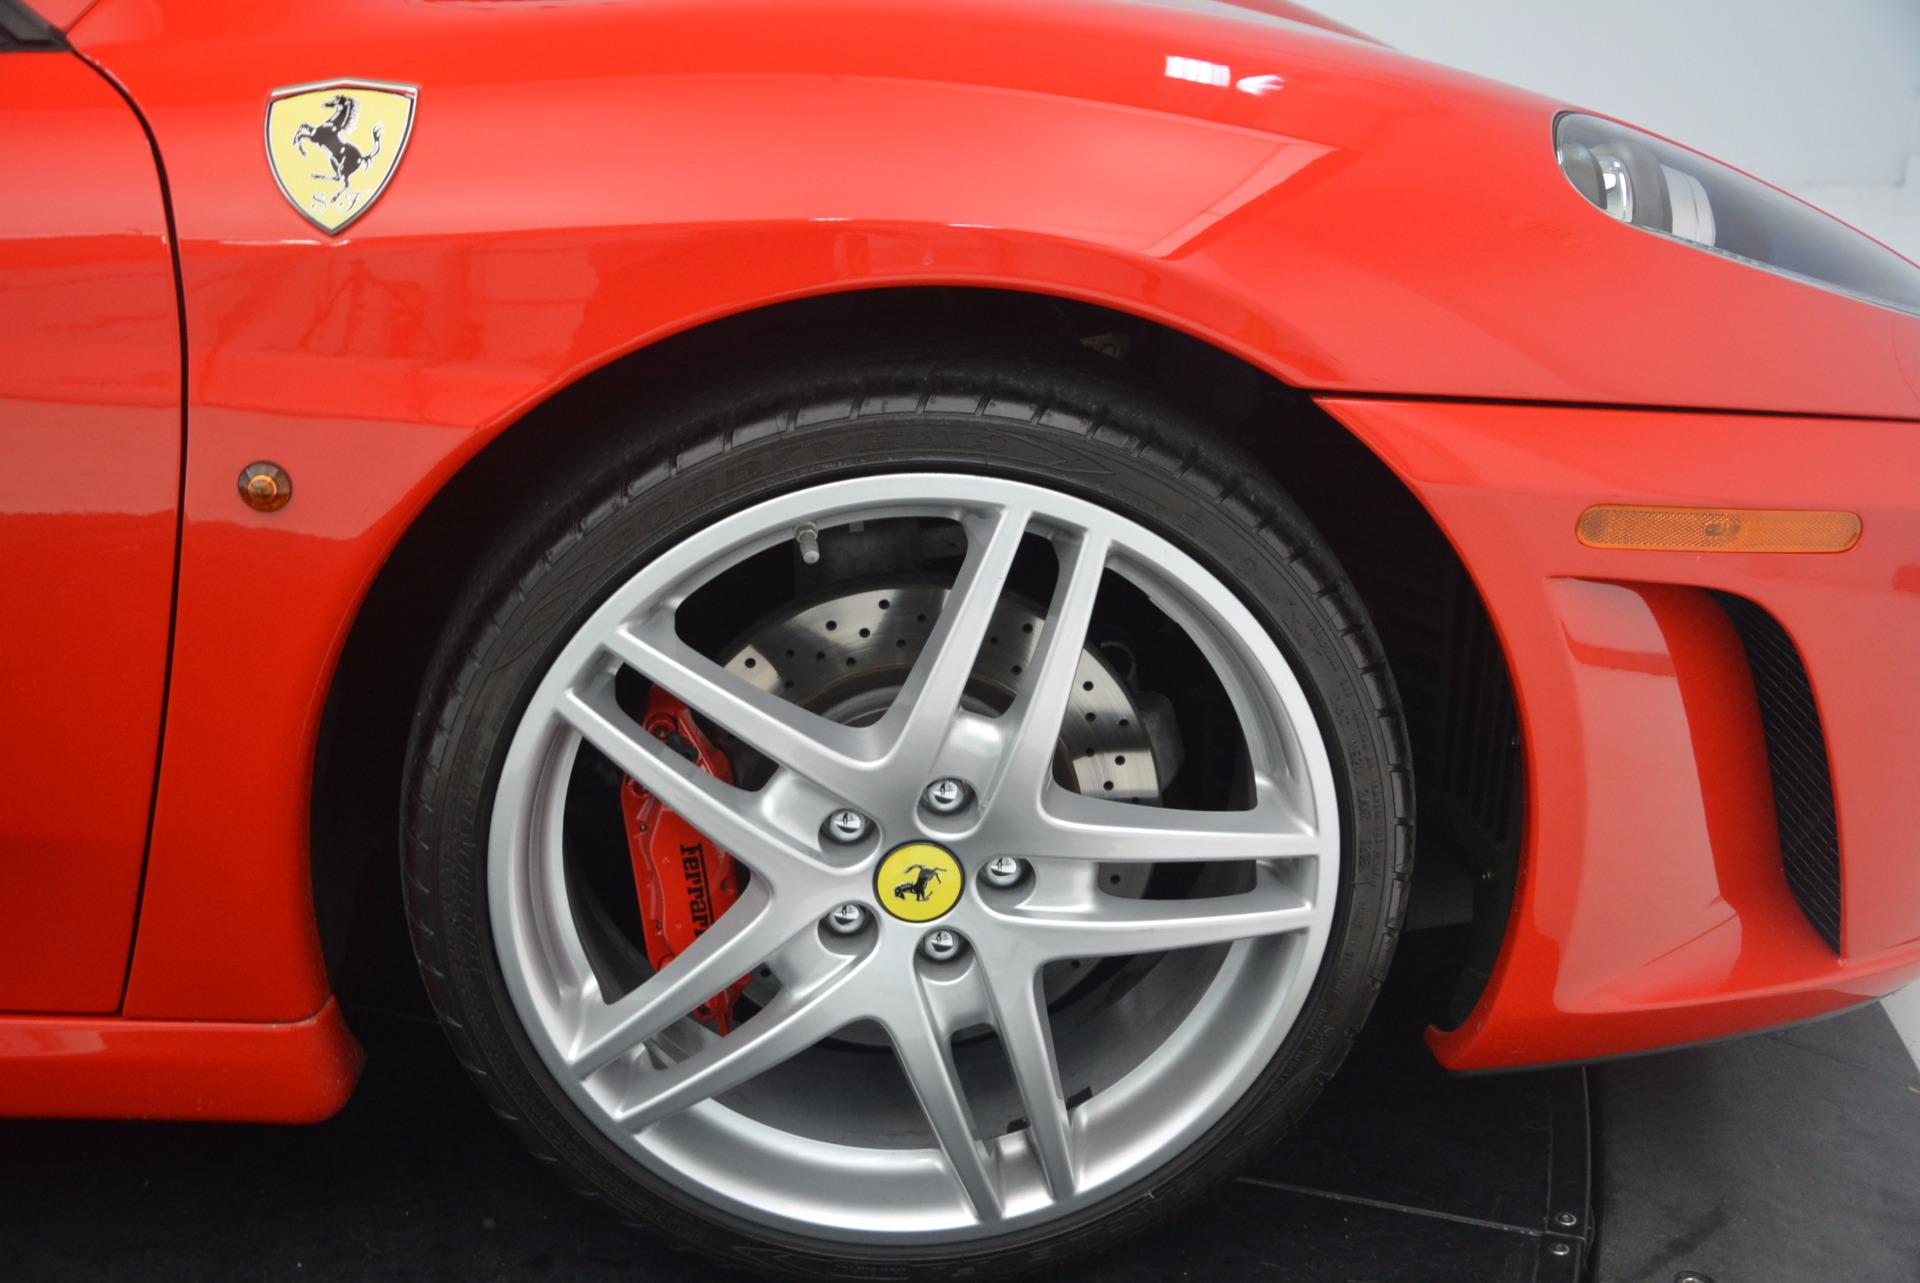 Used 2005 Ferrari F430  For Sale In Greenwich, CT 1184_p18